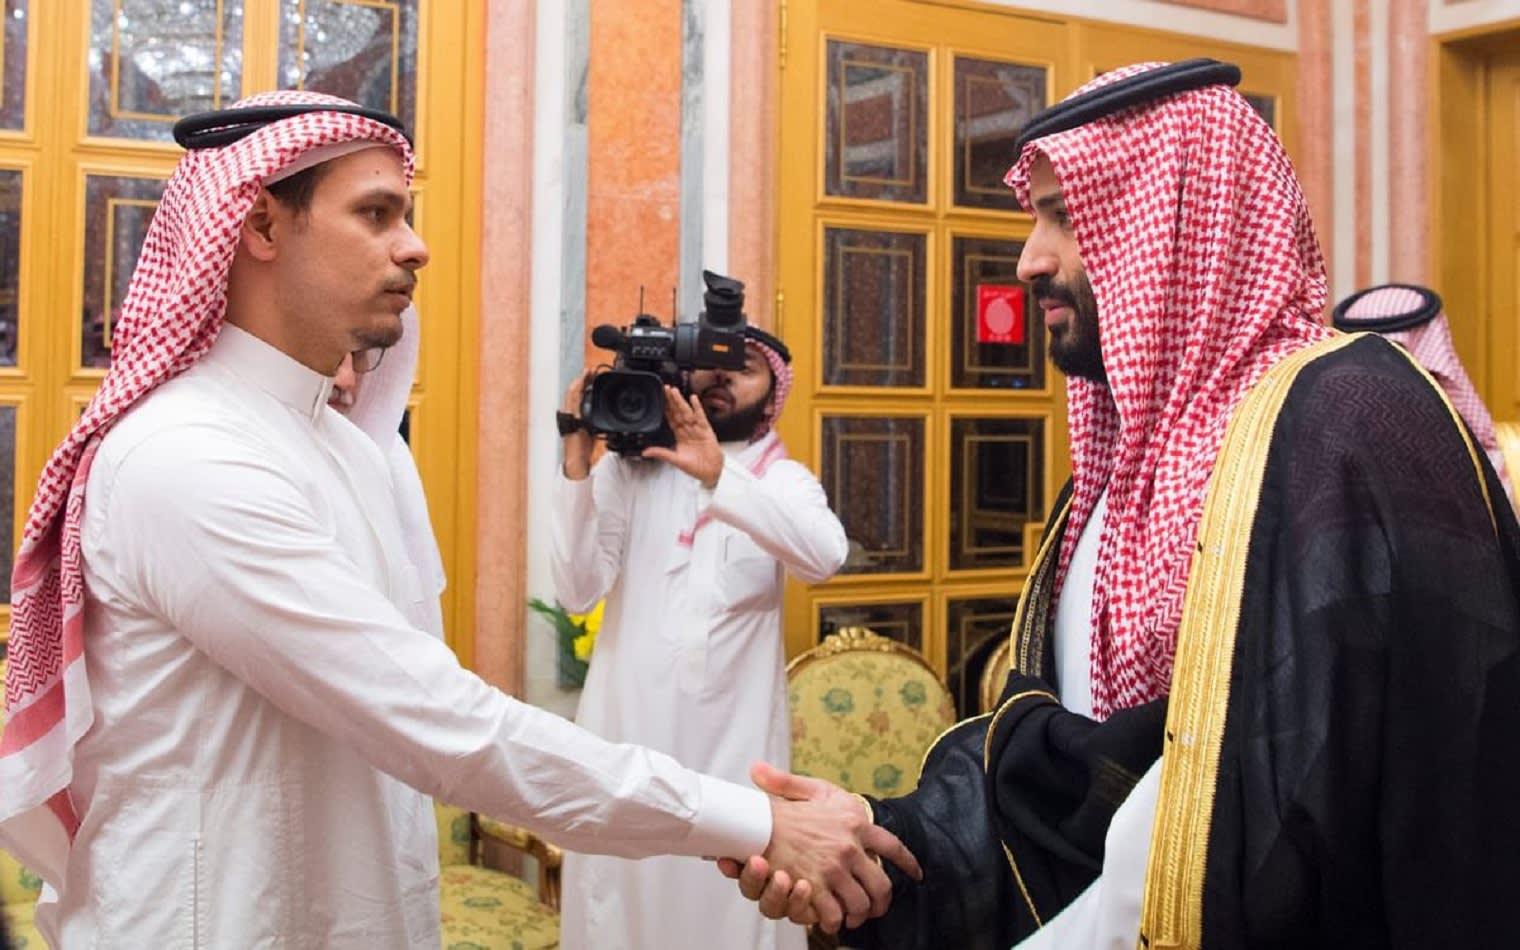 مصدر مقرب من الأسرة يكشف لـCNN وجهة صلاح خاشقجي بعد مغادرته السعودية